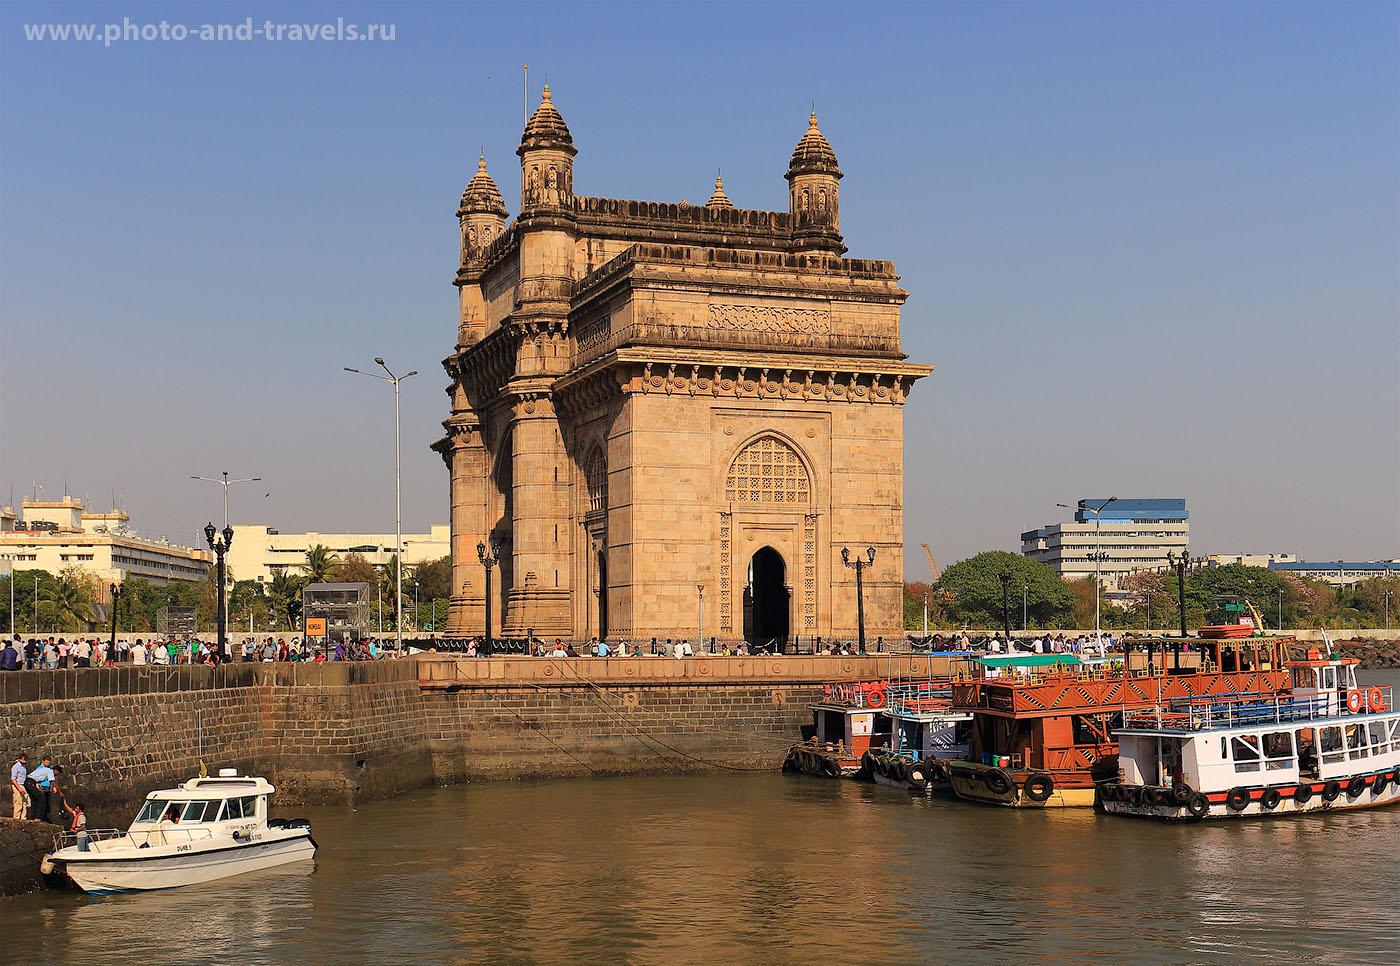 """Фото 8. Ворота в Индию в Мумбаи. Отчеты об экскурсии по мотивам романа """"Шантарам""""."""